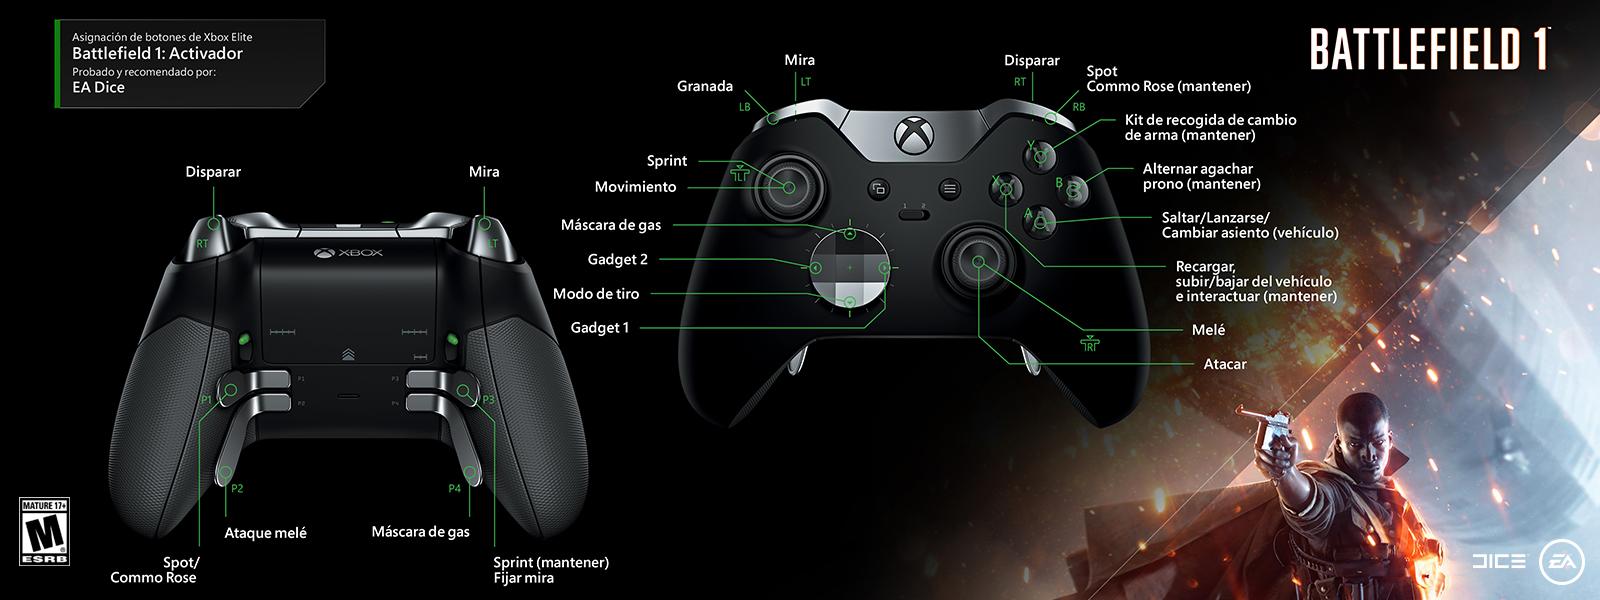 Battlefield 1: asignación de funciones del gatillo de alta sensibilidad